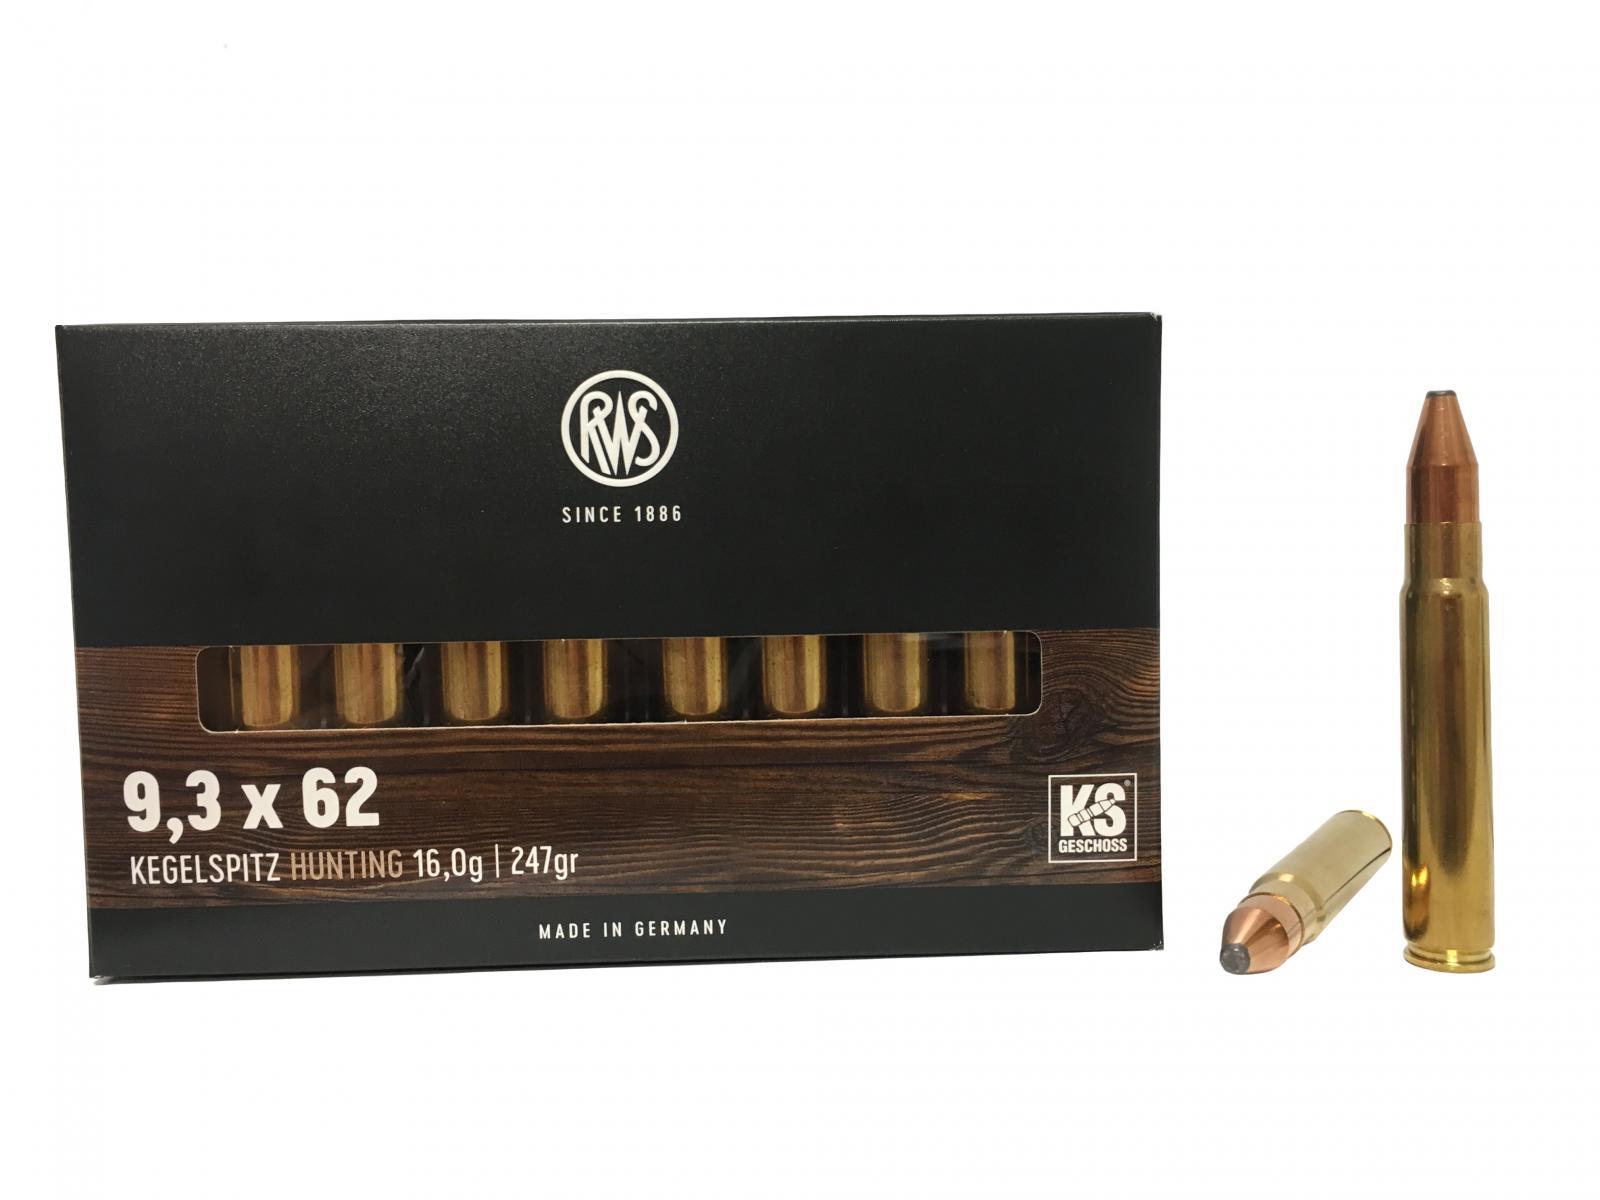 Boite de 20 cartouches RWS KS calibre 9.3 x 62  R2118181